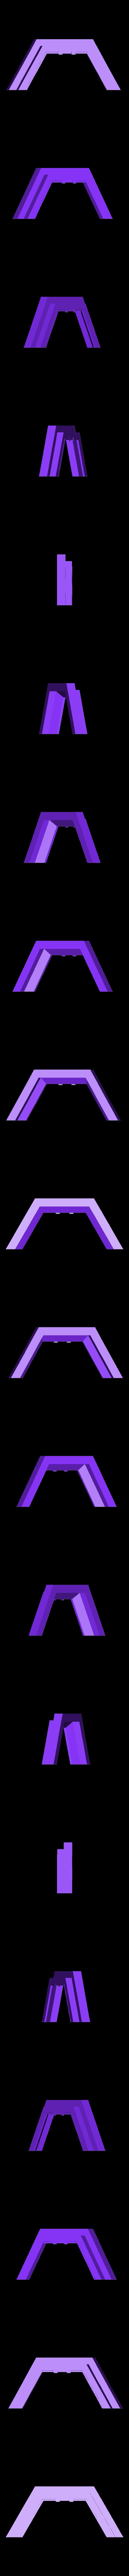 LH_hexa_base_fixed_1_blau_A.stl Télécharger fichier STL gratuit Phare • Modèle pour impression 3D, jteix